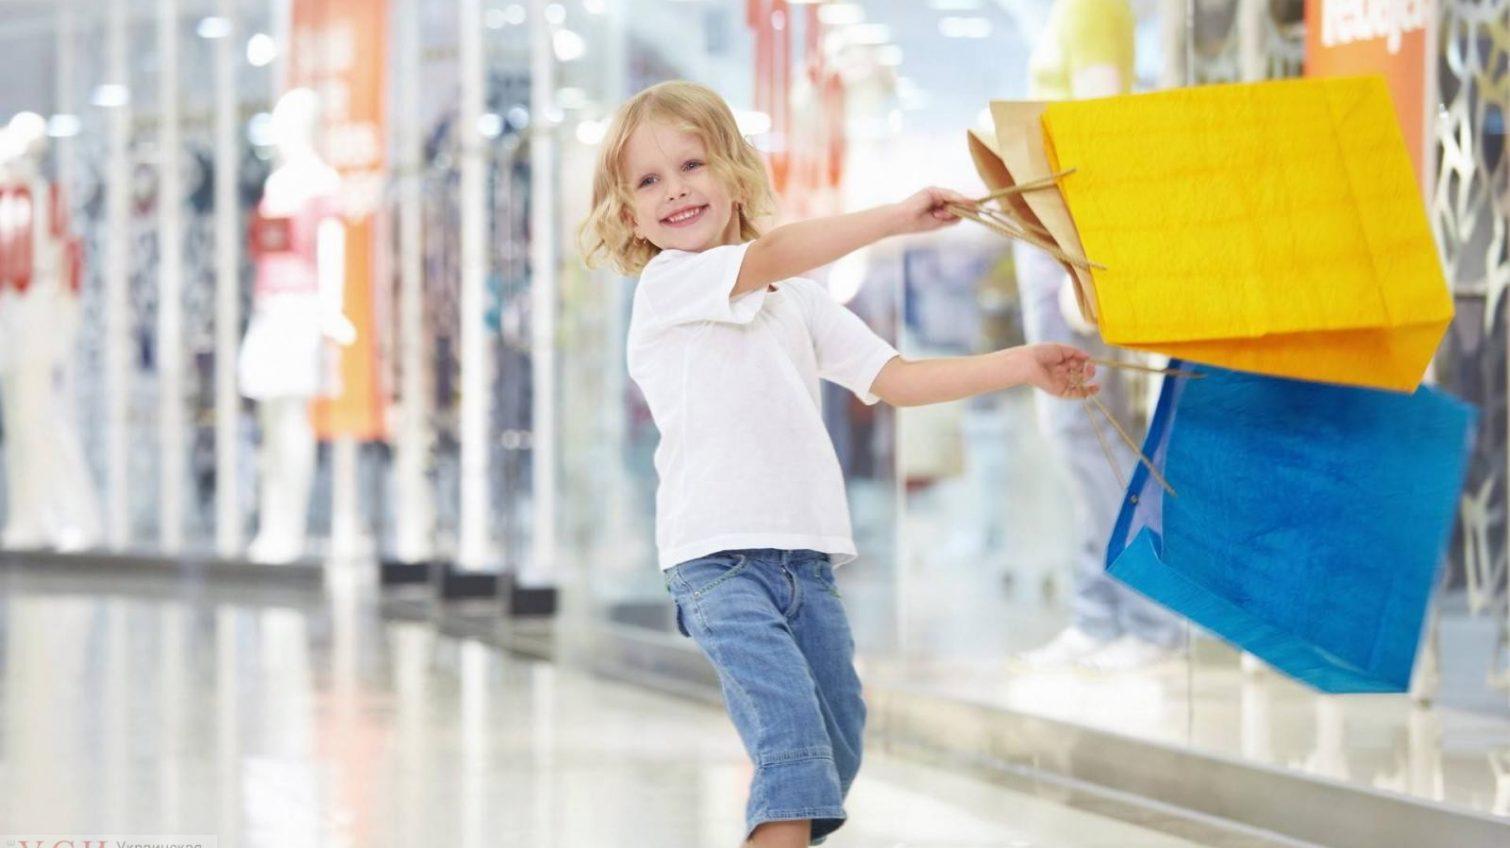 В Одессе хотят вывозить детей из приюта на шопинг и ищут тех, кто может помочь «фото»